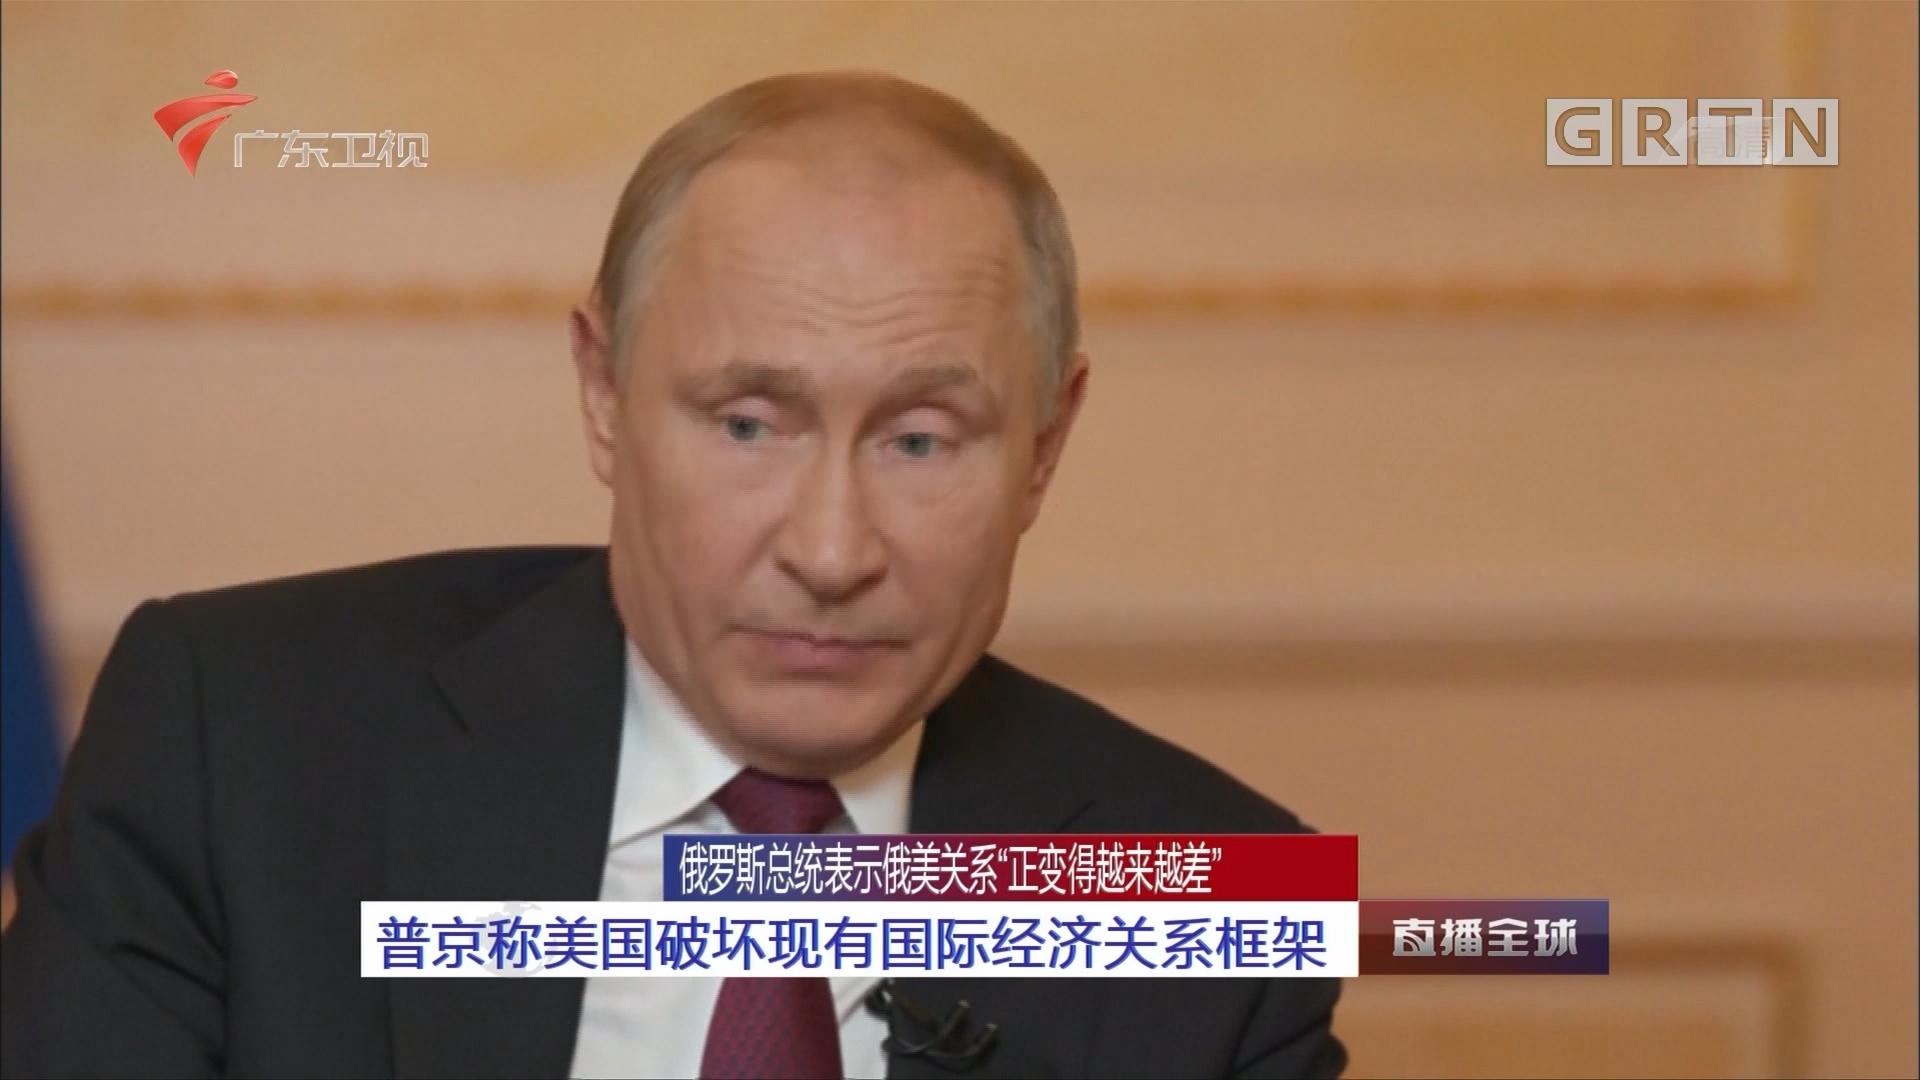 """俄罗斯总统表示俄美关系""""正变得越来越差"""":普京称美国破坏现有国际经济关系框架"""